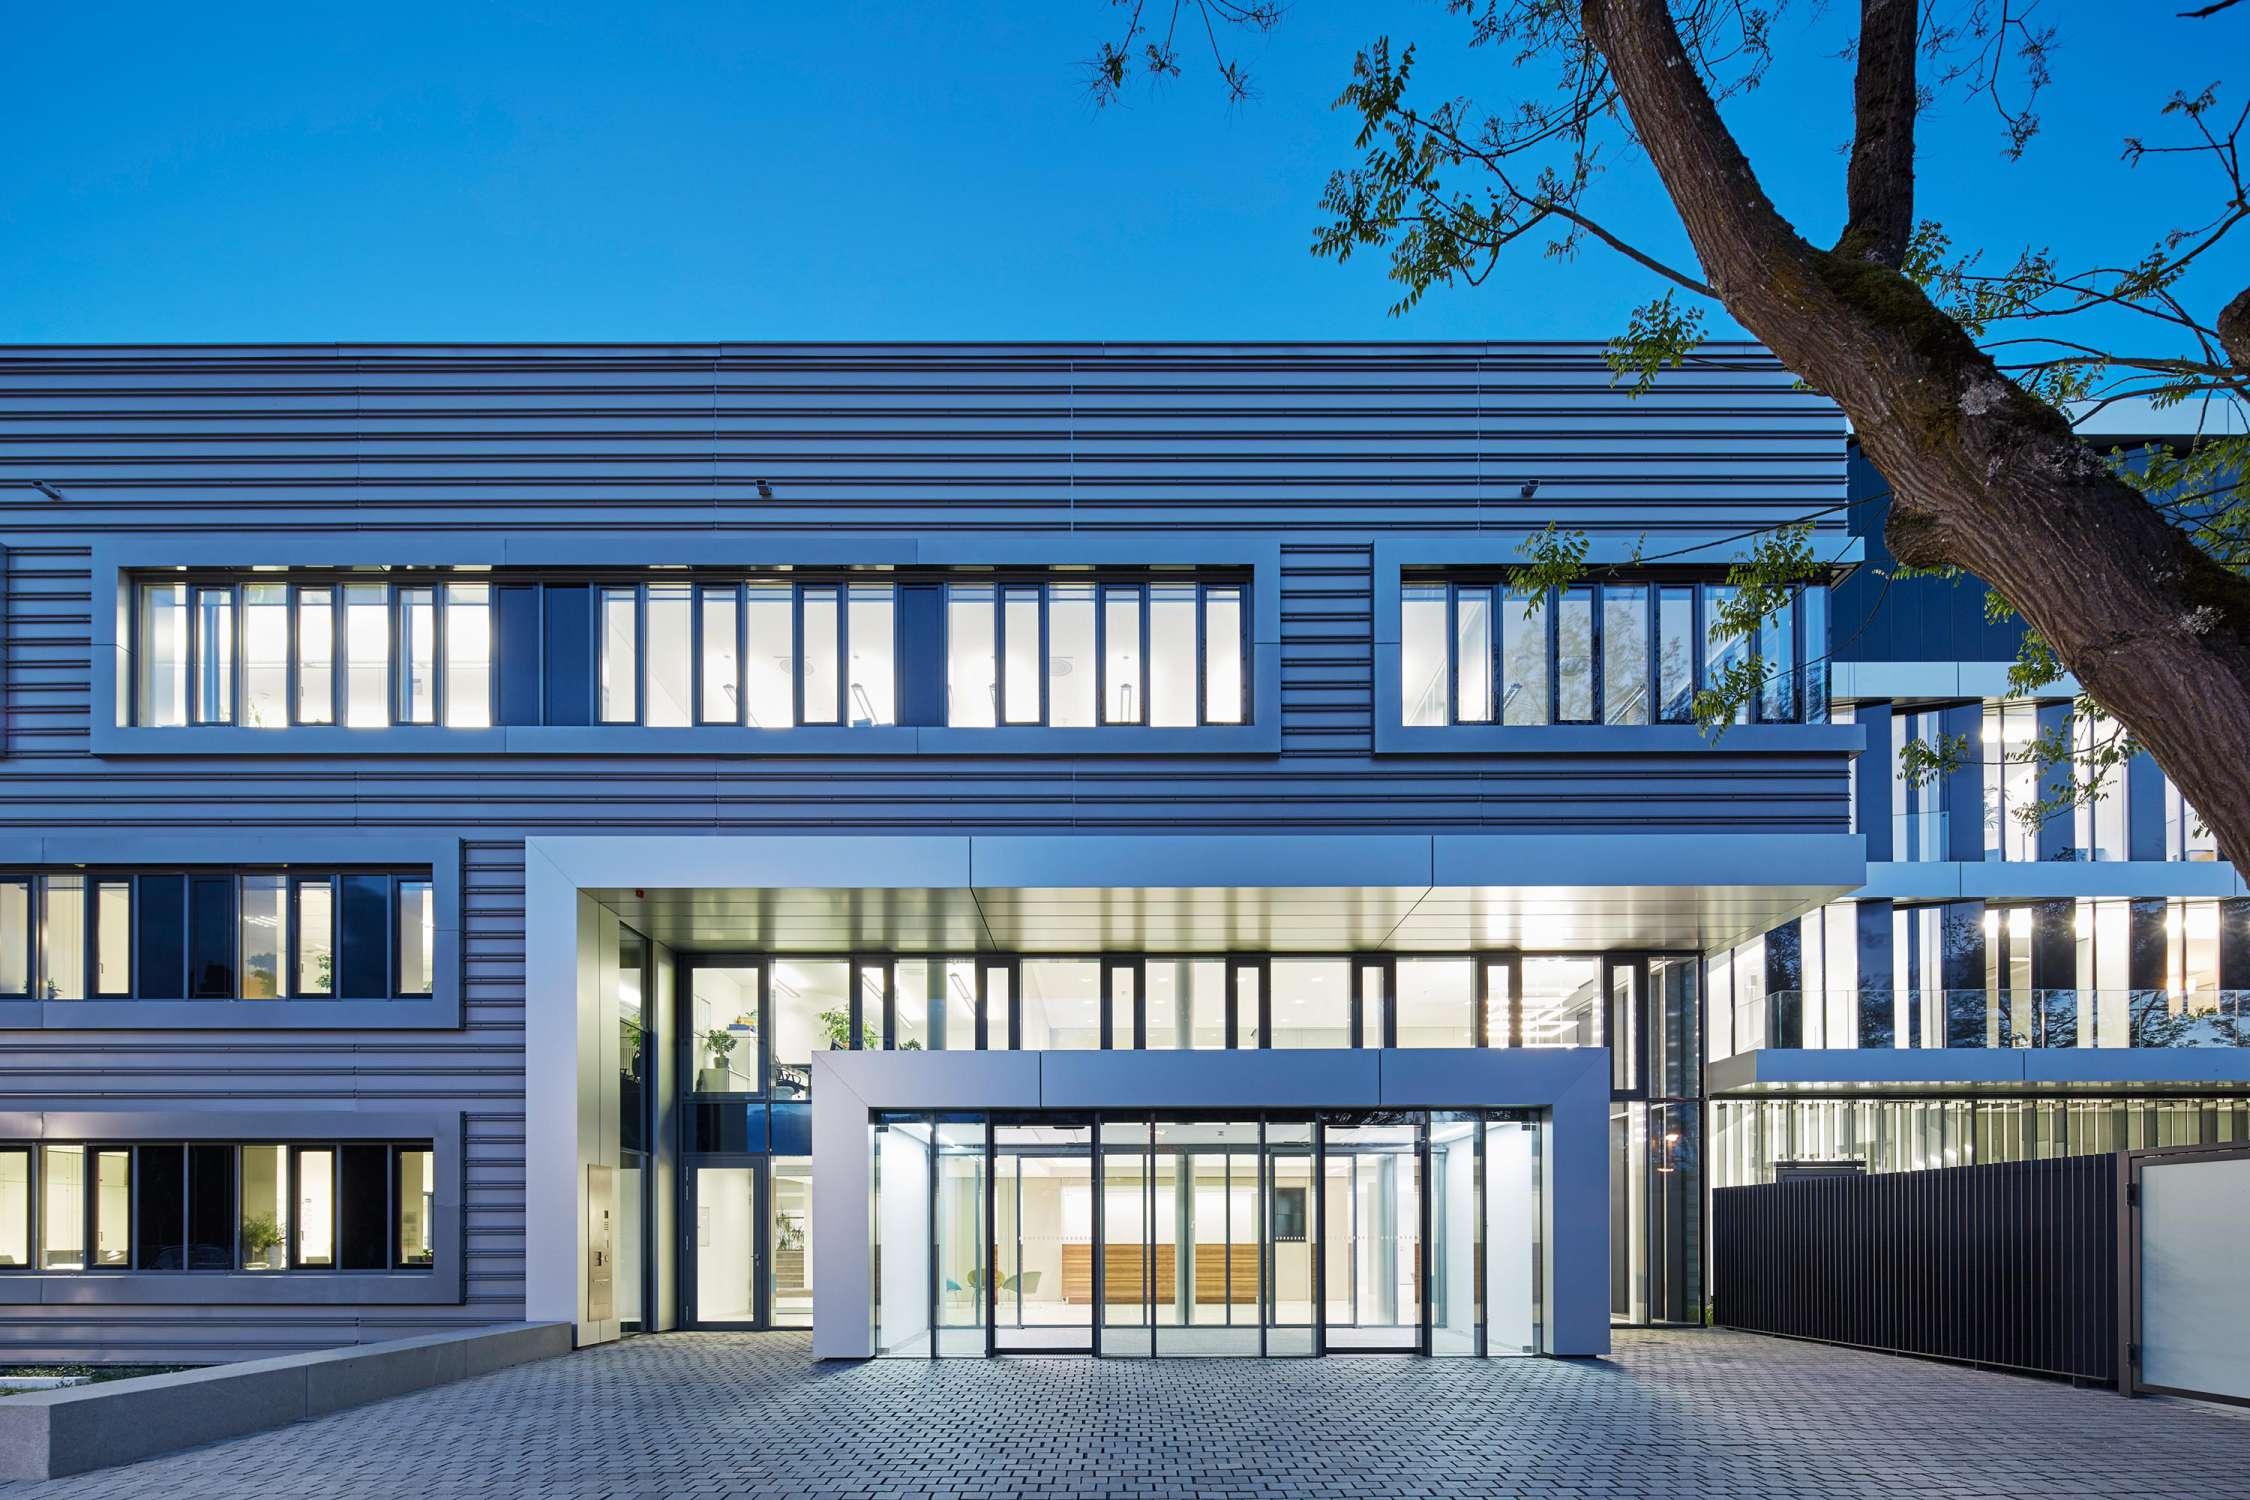 Verwaltungs- und Infrastrukturgebäude (5)